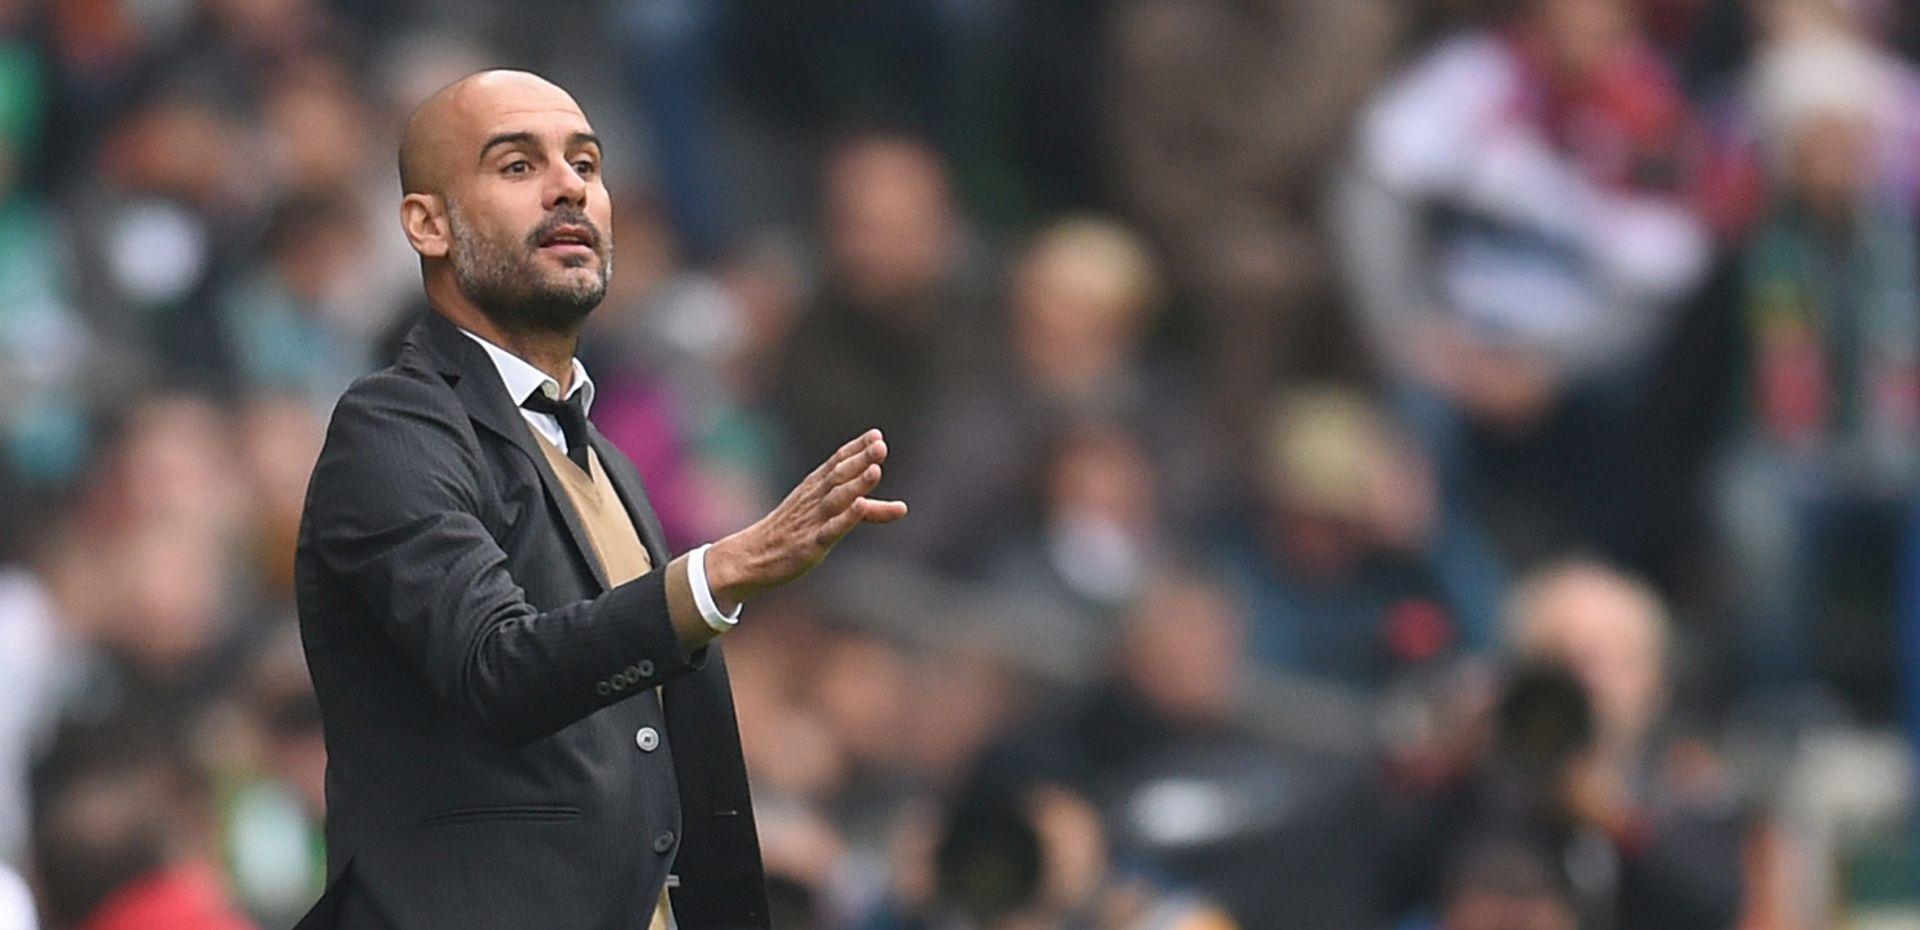 NAJAVA GUARDIOLE Robben spreman, bit će u momčadi Bayerna